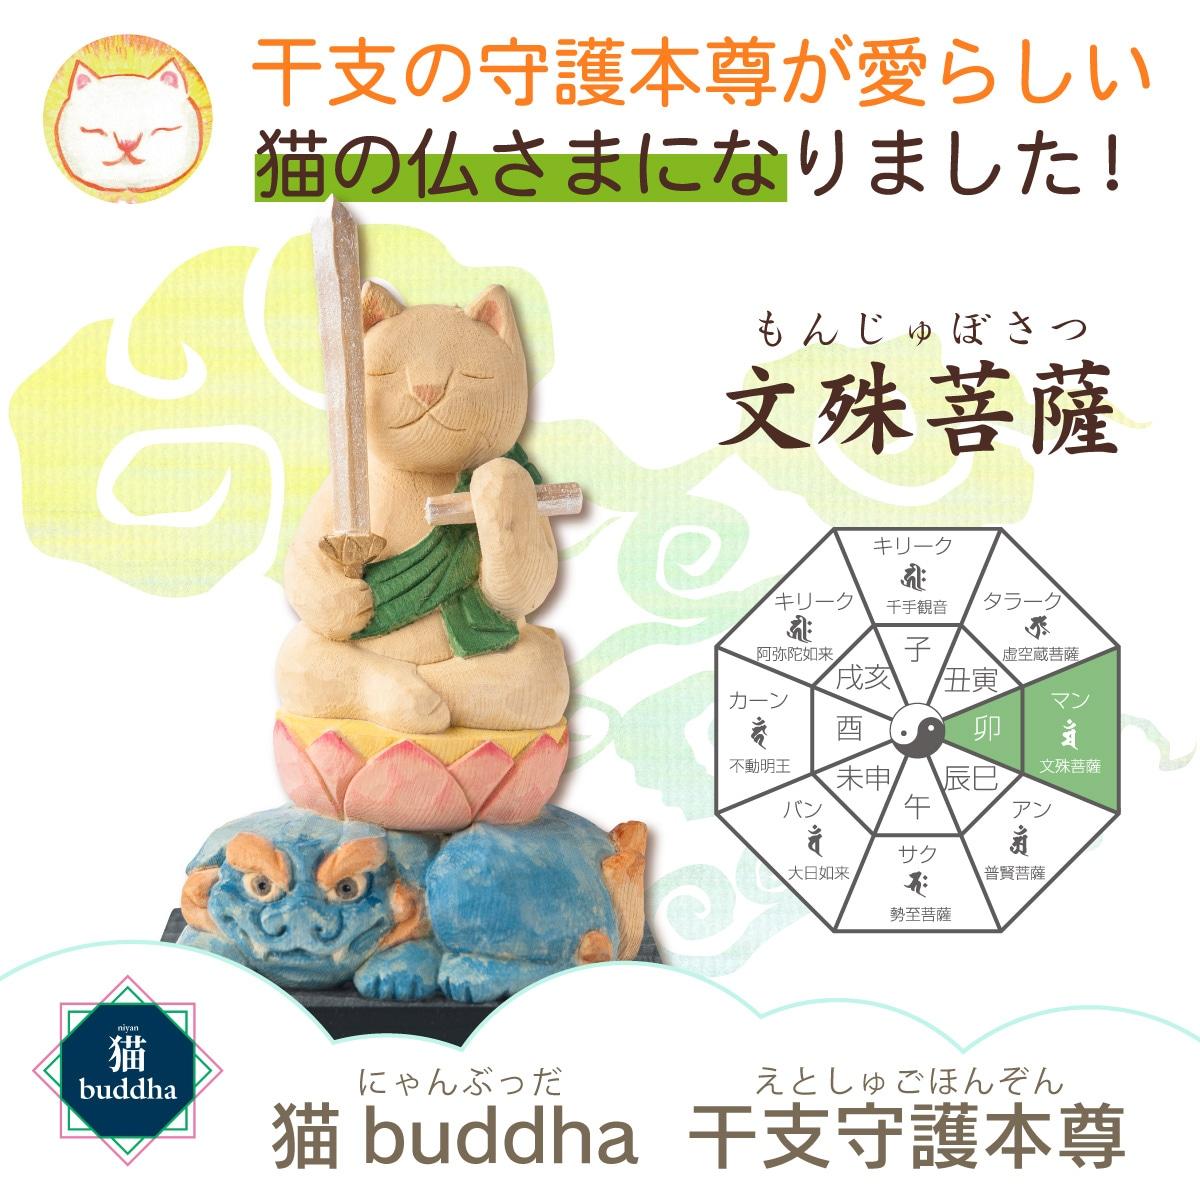 猫buddha 文殊菩薩 開運グッズ